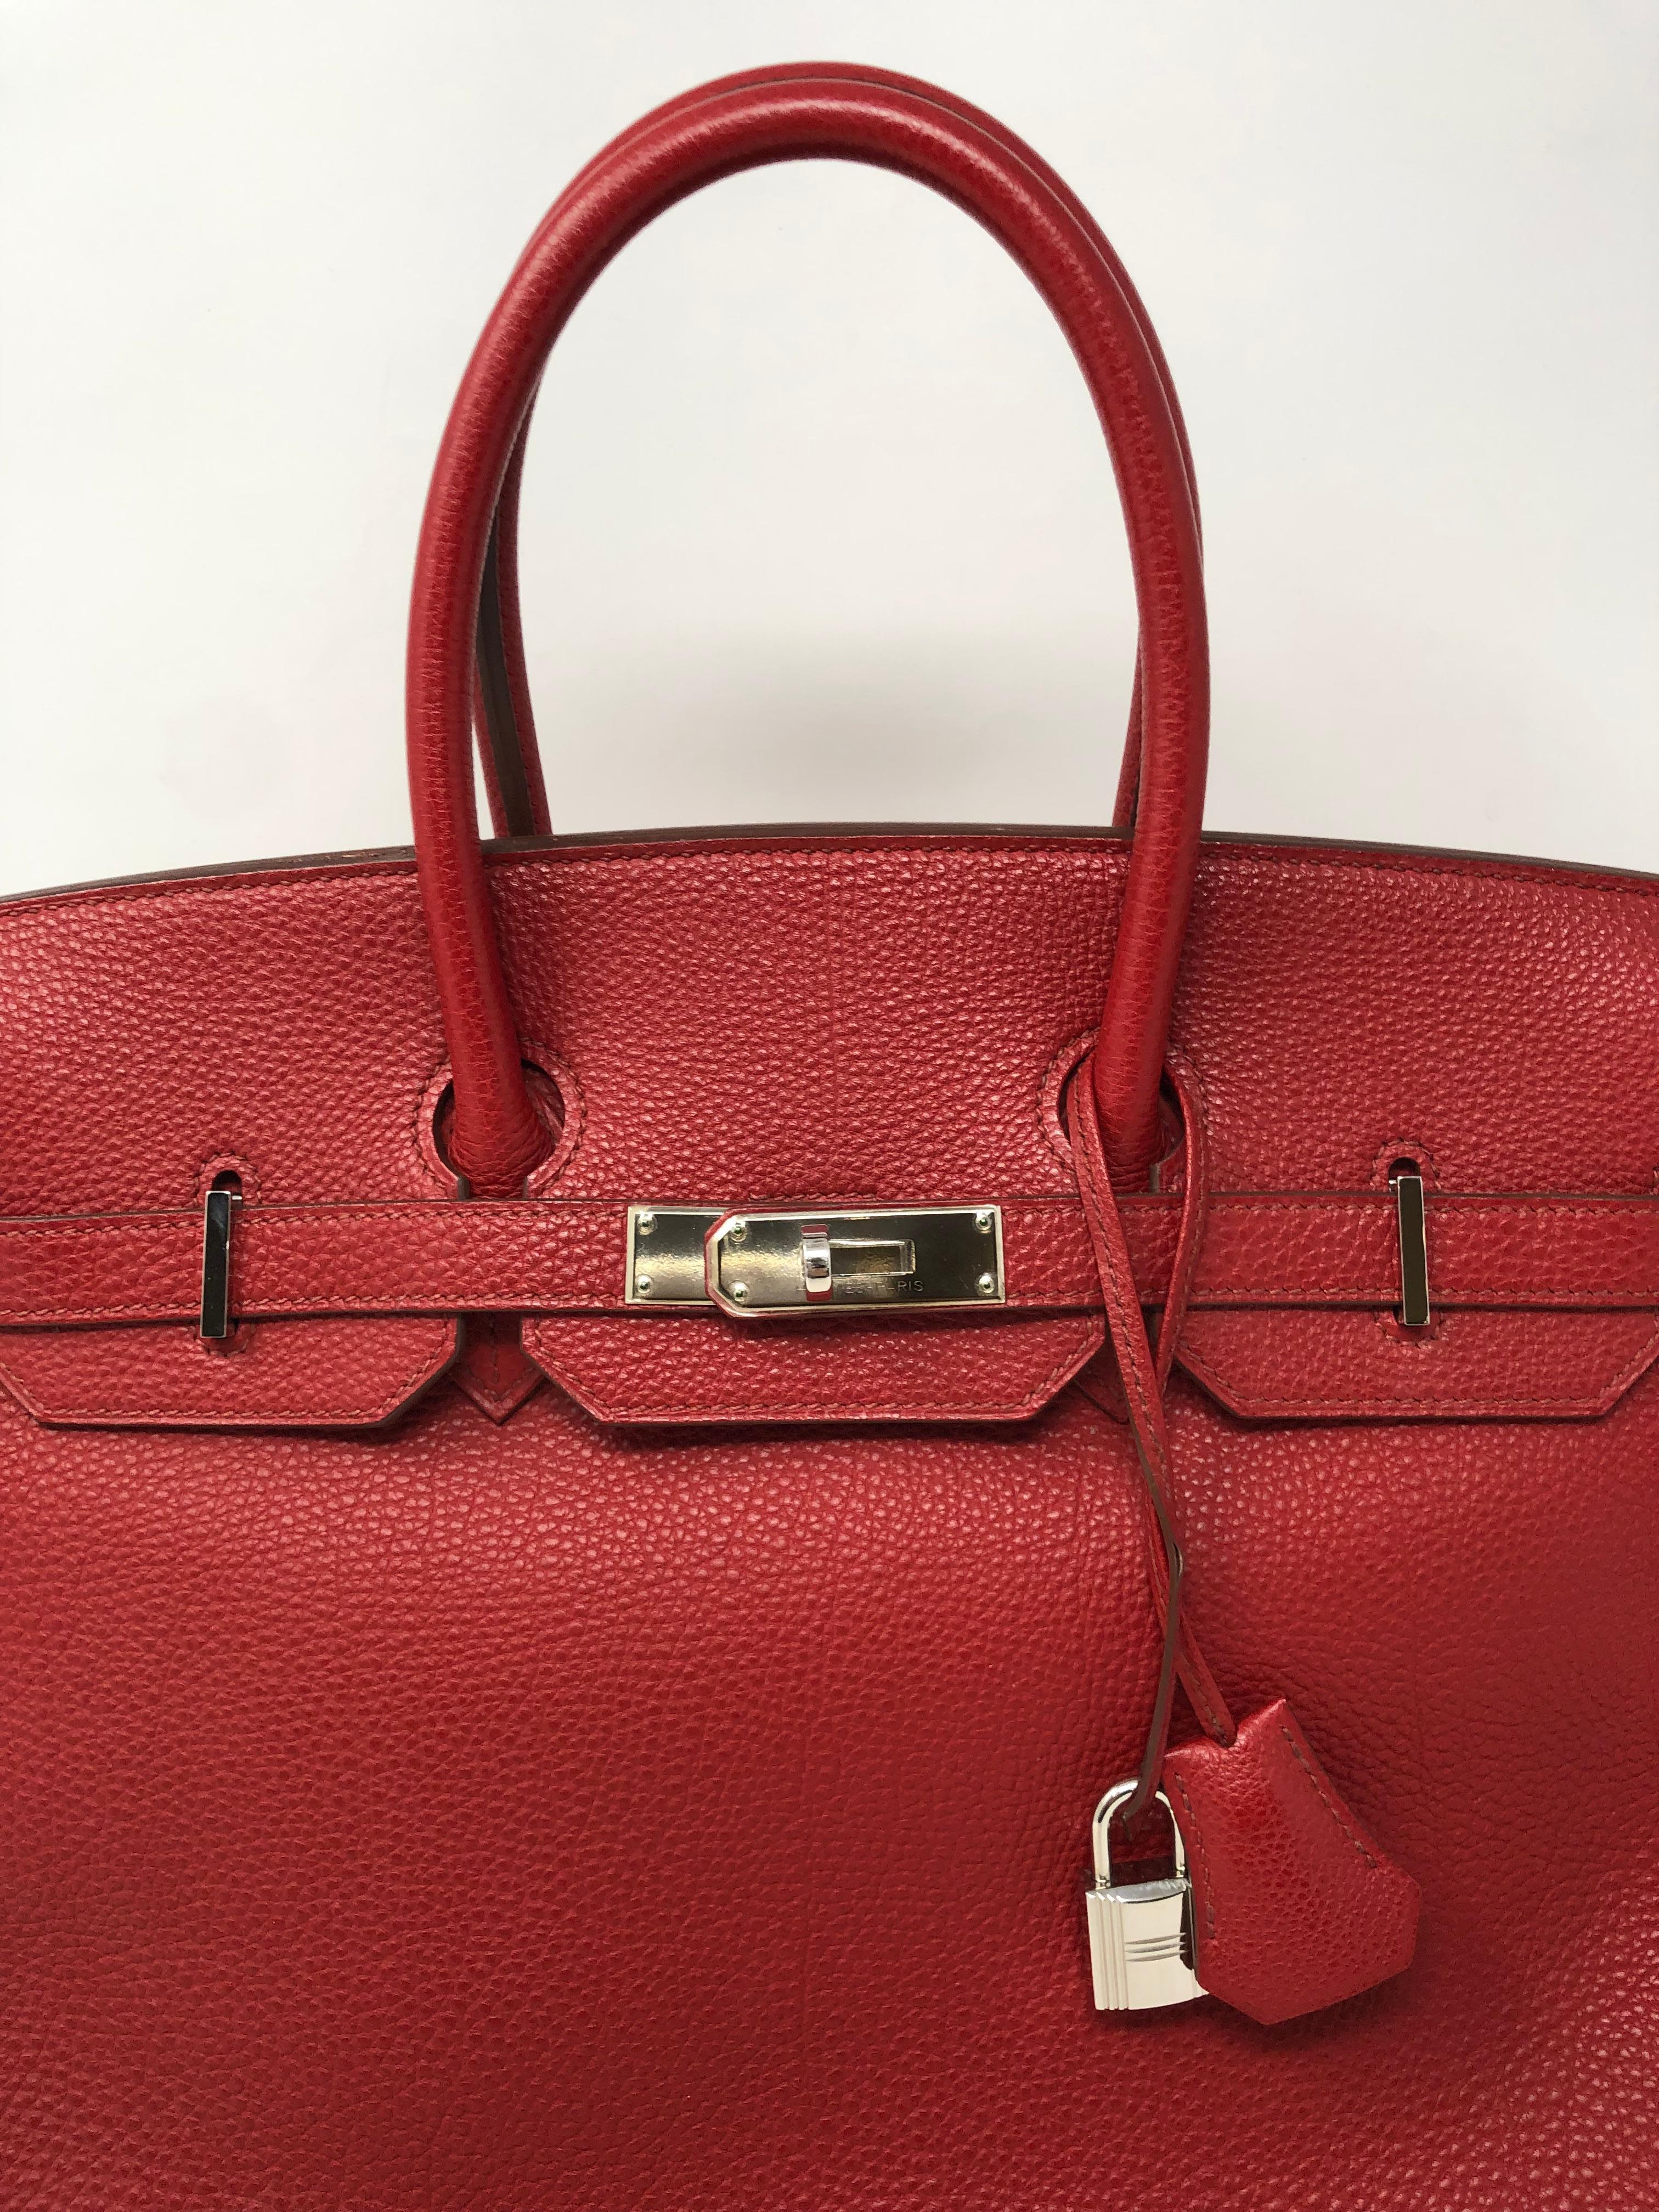 4a0d9a6b20b2 Hermes Red Rouge Garance Birkin 35 at 1stdibs